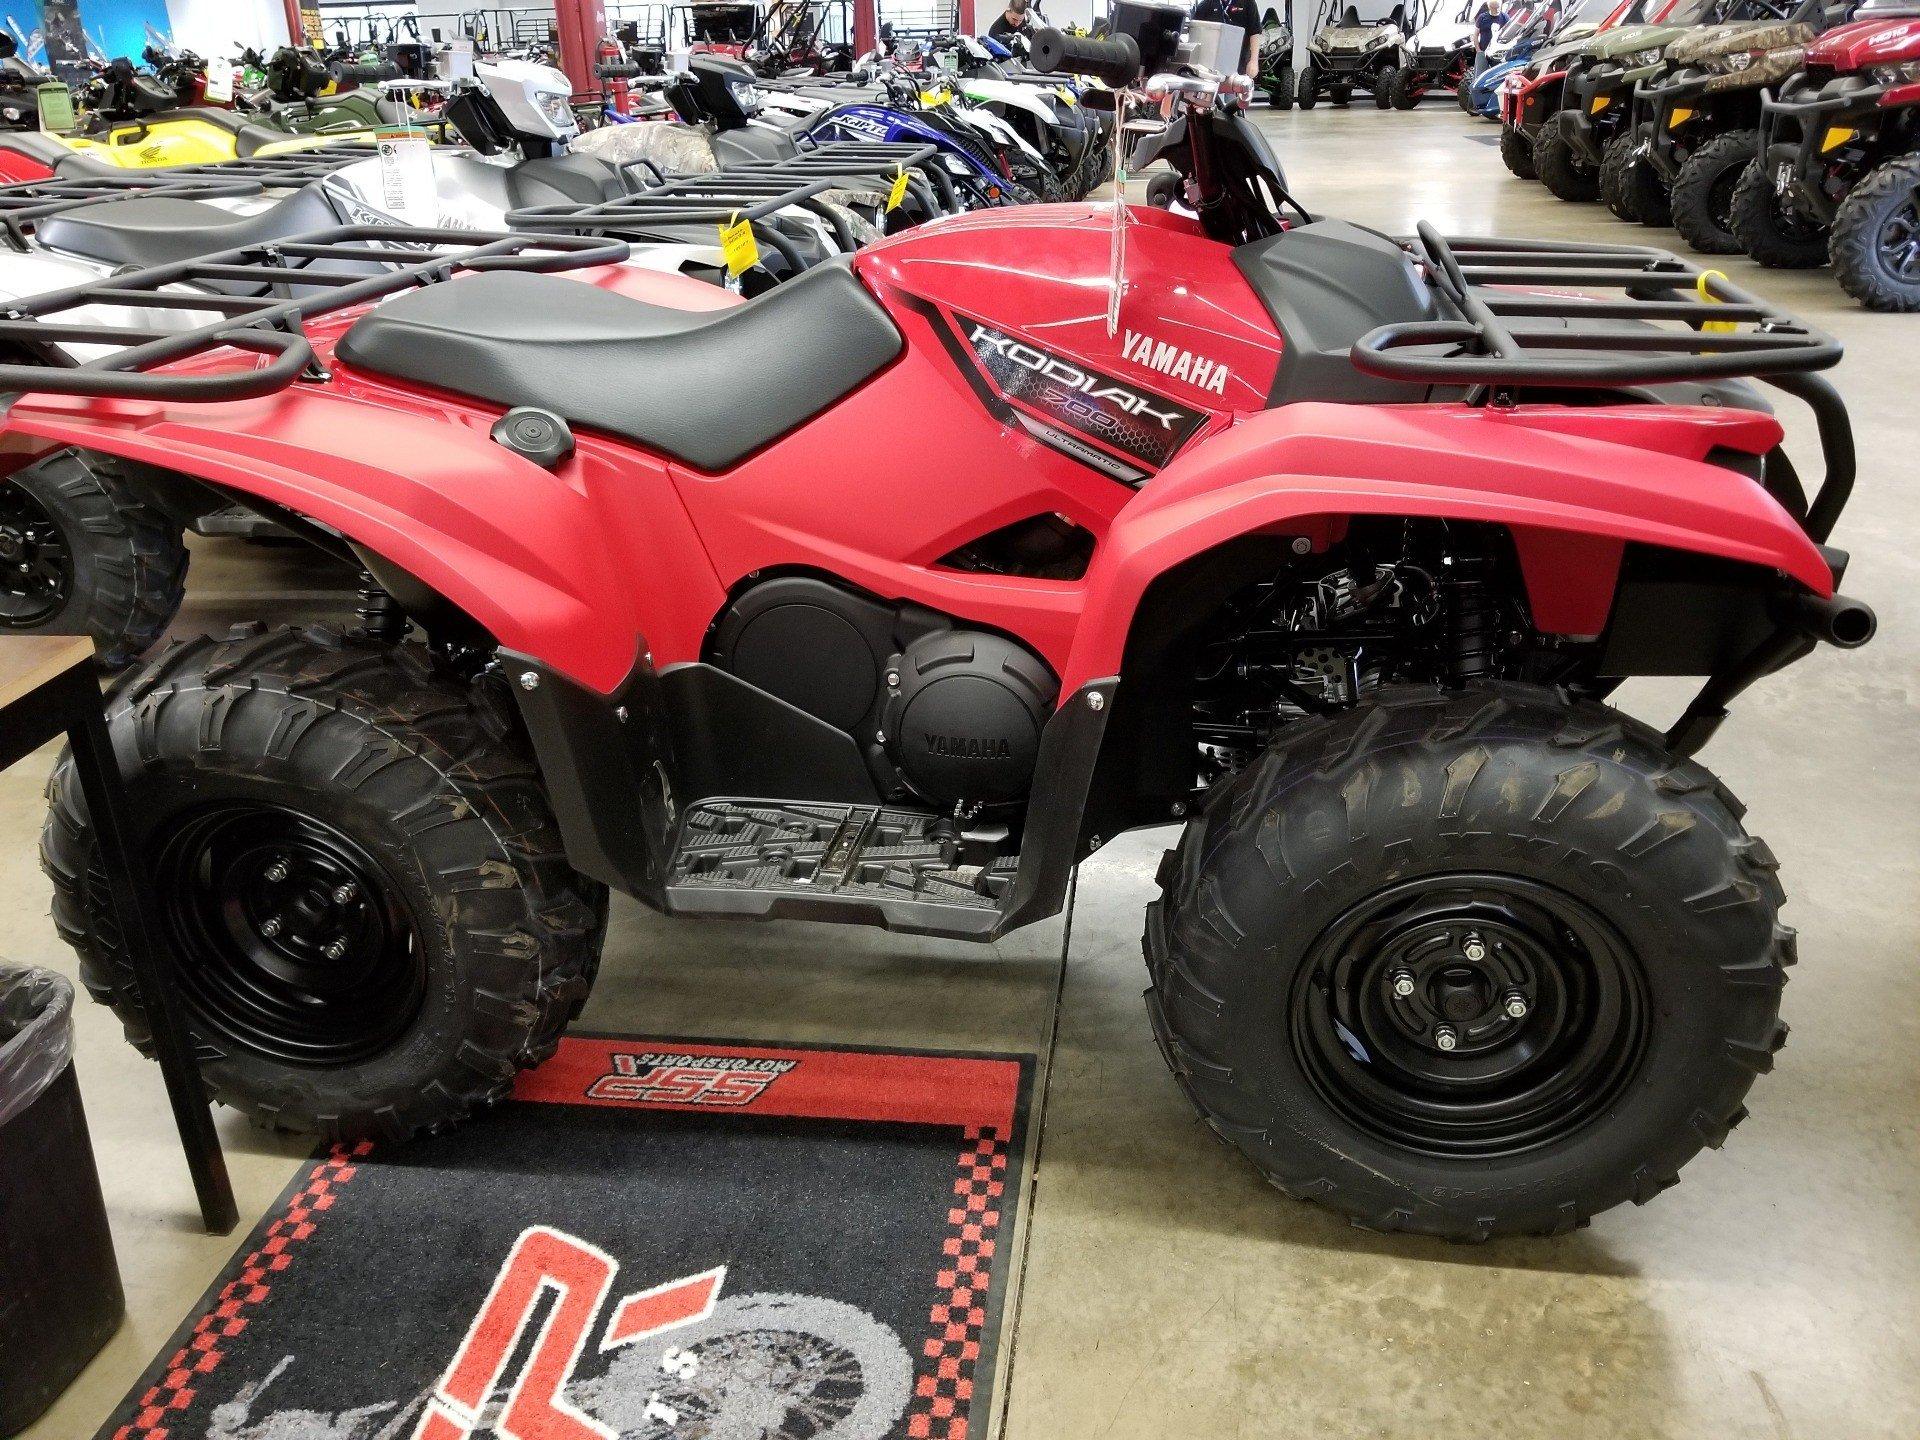 2018 Yamaha Kodiak 700 1